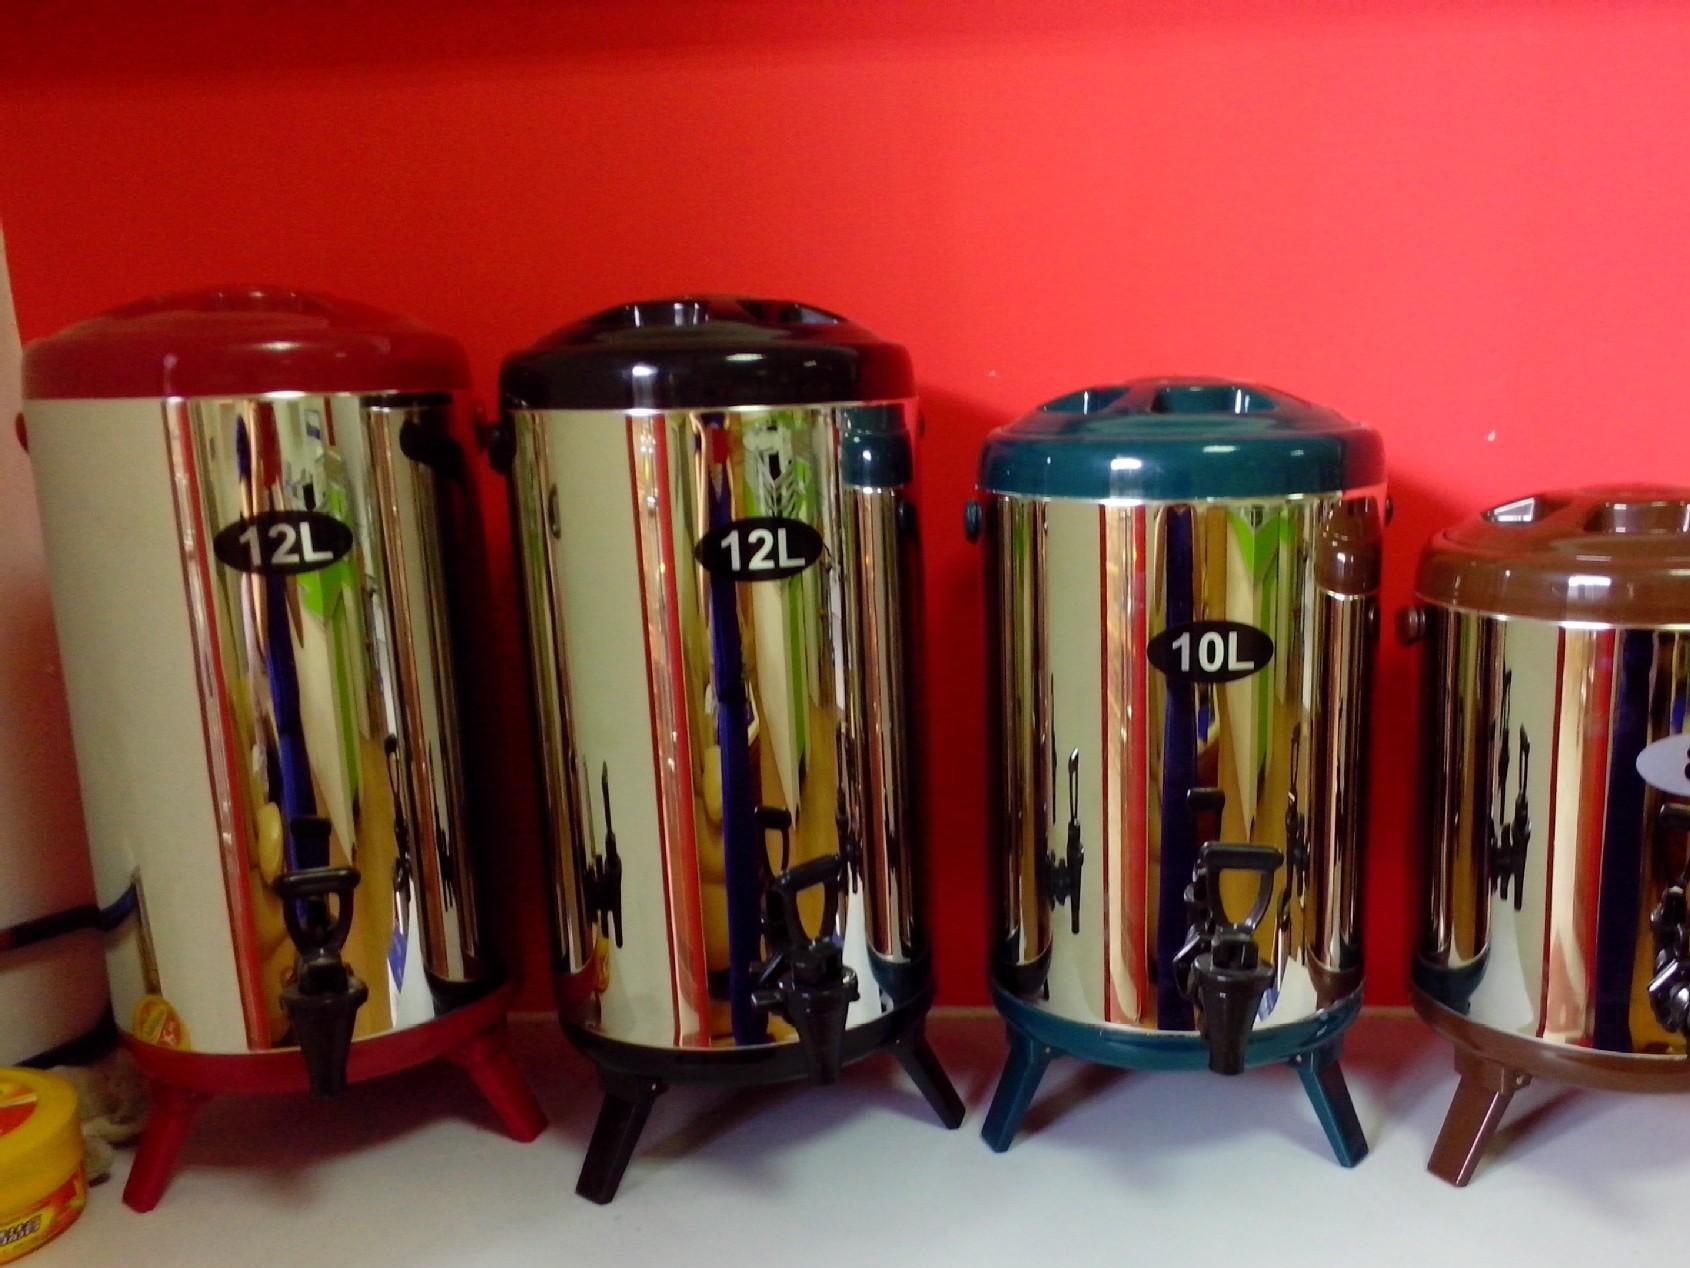 佛山不锈钢发泡双层保温桶厂家 304不锈钢奶茶保温桶 10L彩色